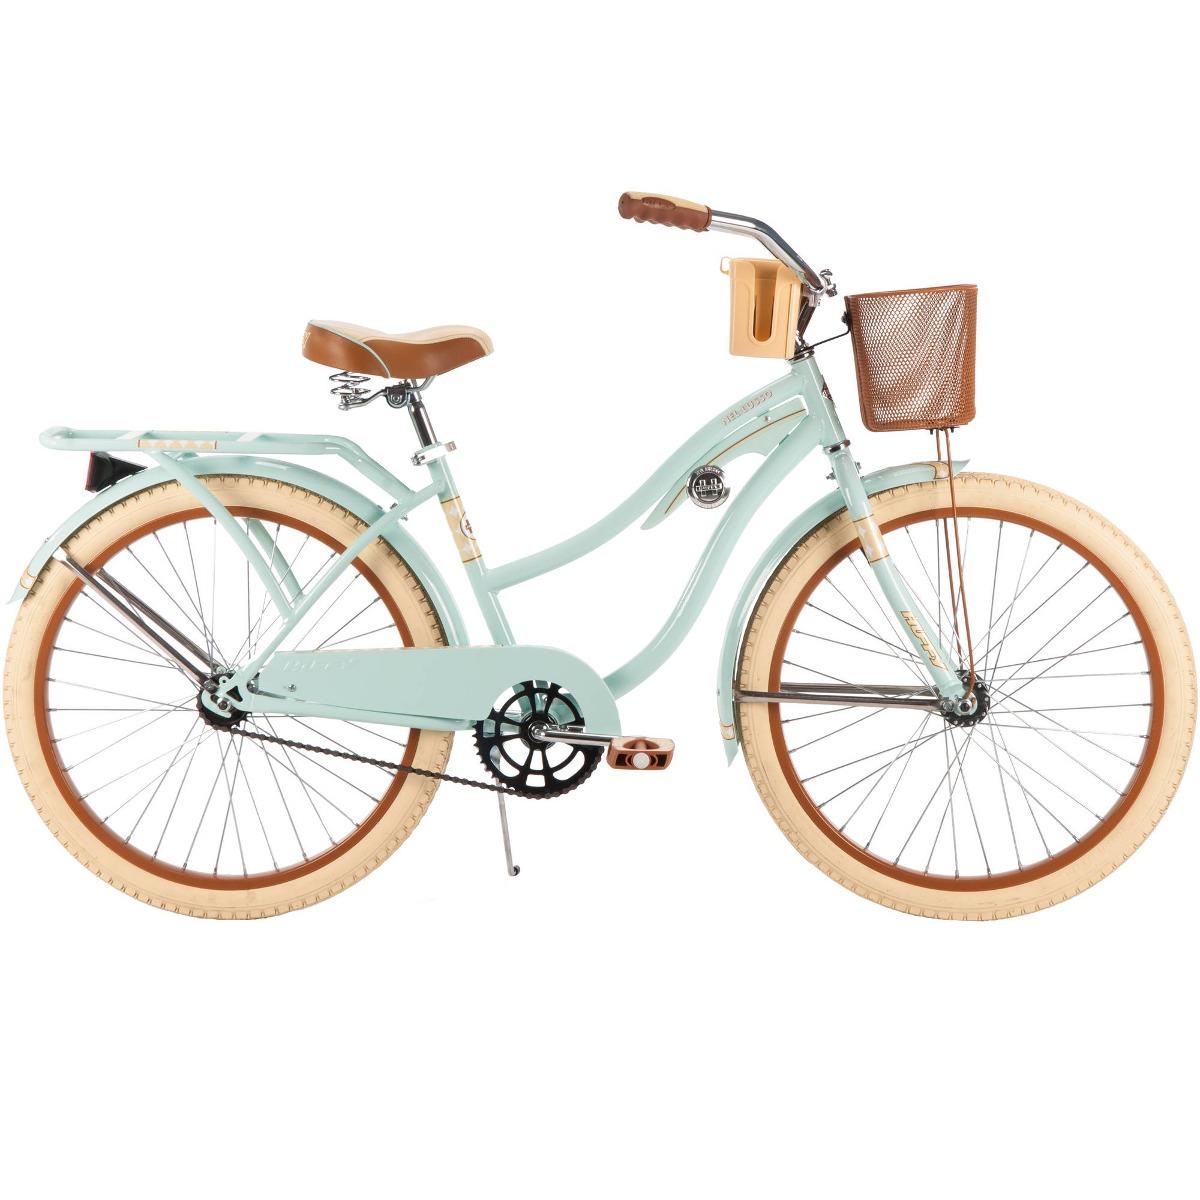 Bicicleta Huffy 54576 Crucero De 24 Pulgadas Para Mujer Nel ...